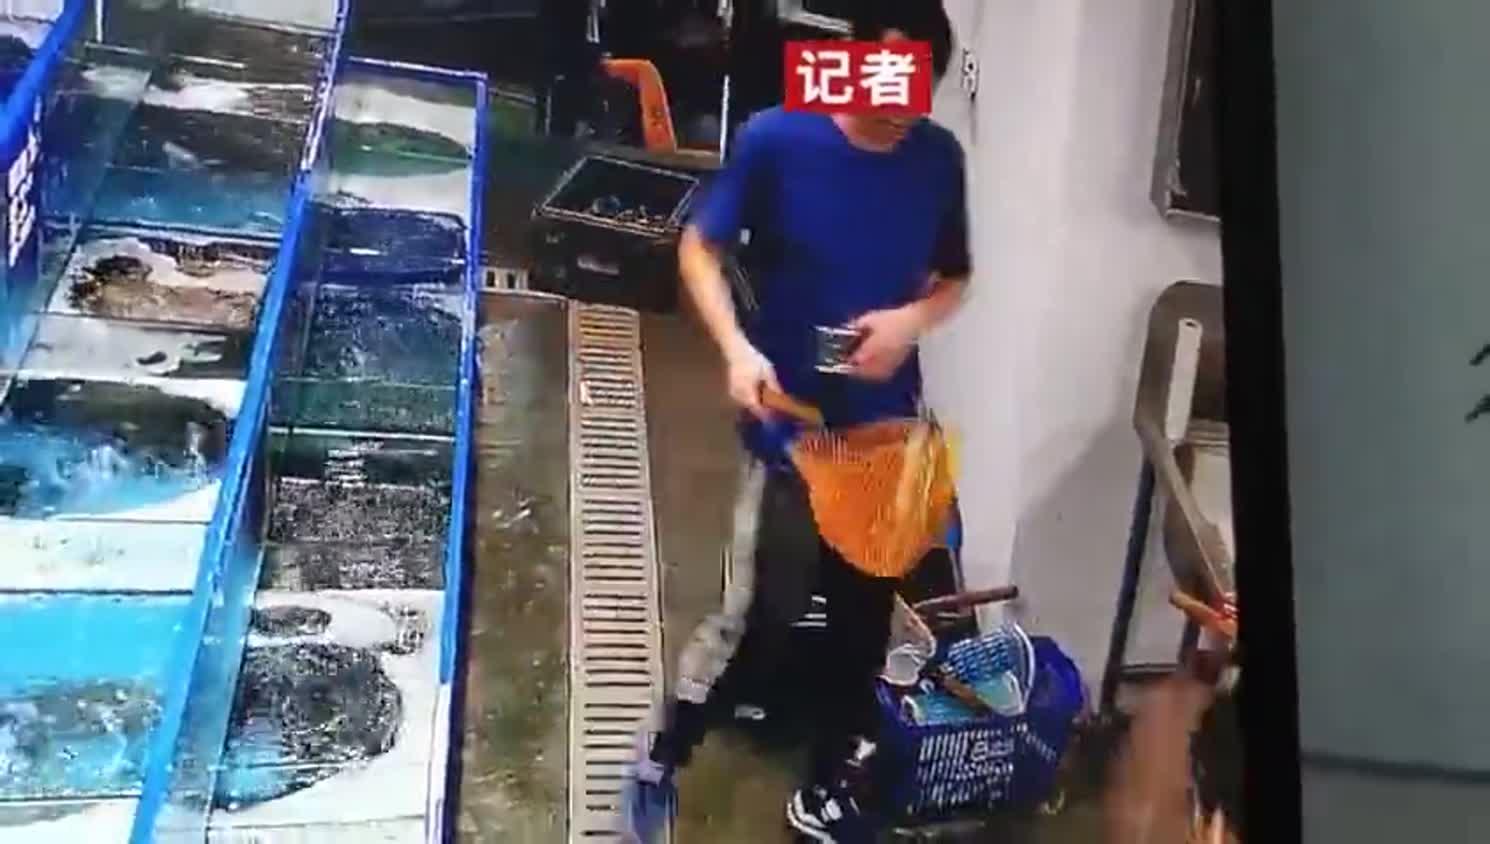 监控视频:记者捞完鱼后在地上摔了三下 掏出手机记